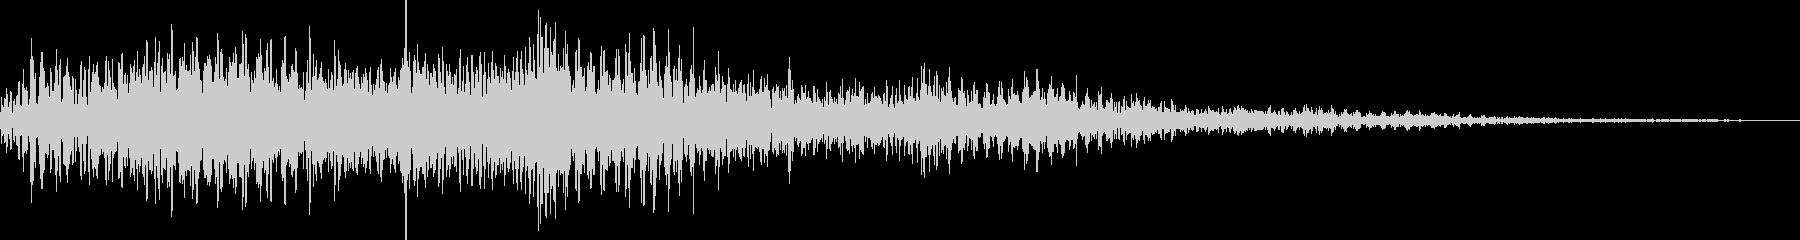 ビュワーン(ワープ、転移、モーフィング)の未再生の波形